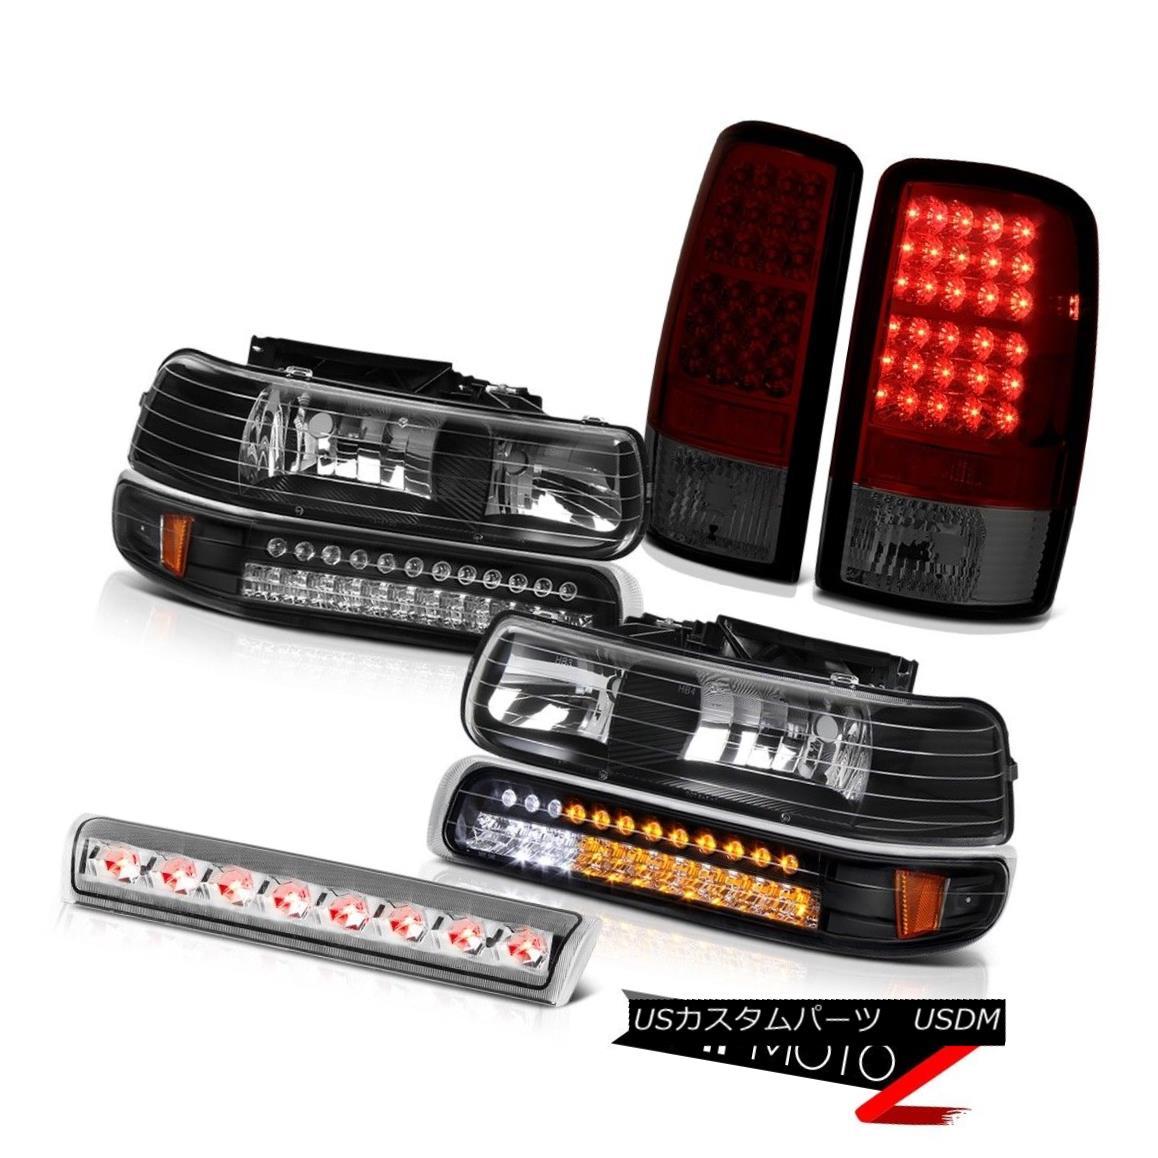 ヘッドライト 2000-2006 Suburban 5.7L Black LED Parking Headlights Dark RED Tail Lights Roof 2000-2006郊外5.7LブラックLEDパーキングヘッドライトダークREDテールライトルーフ